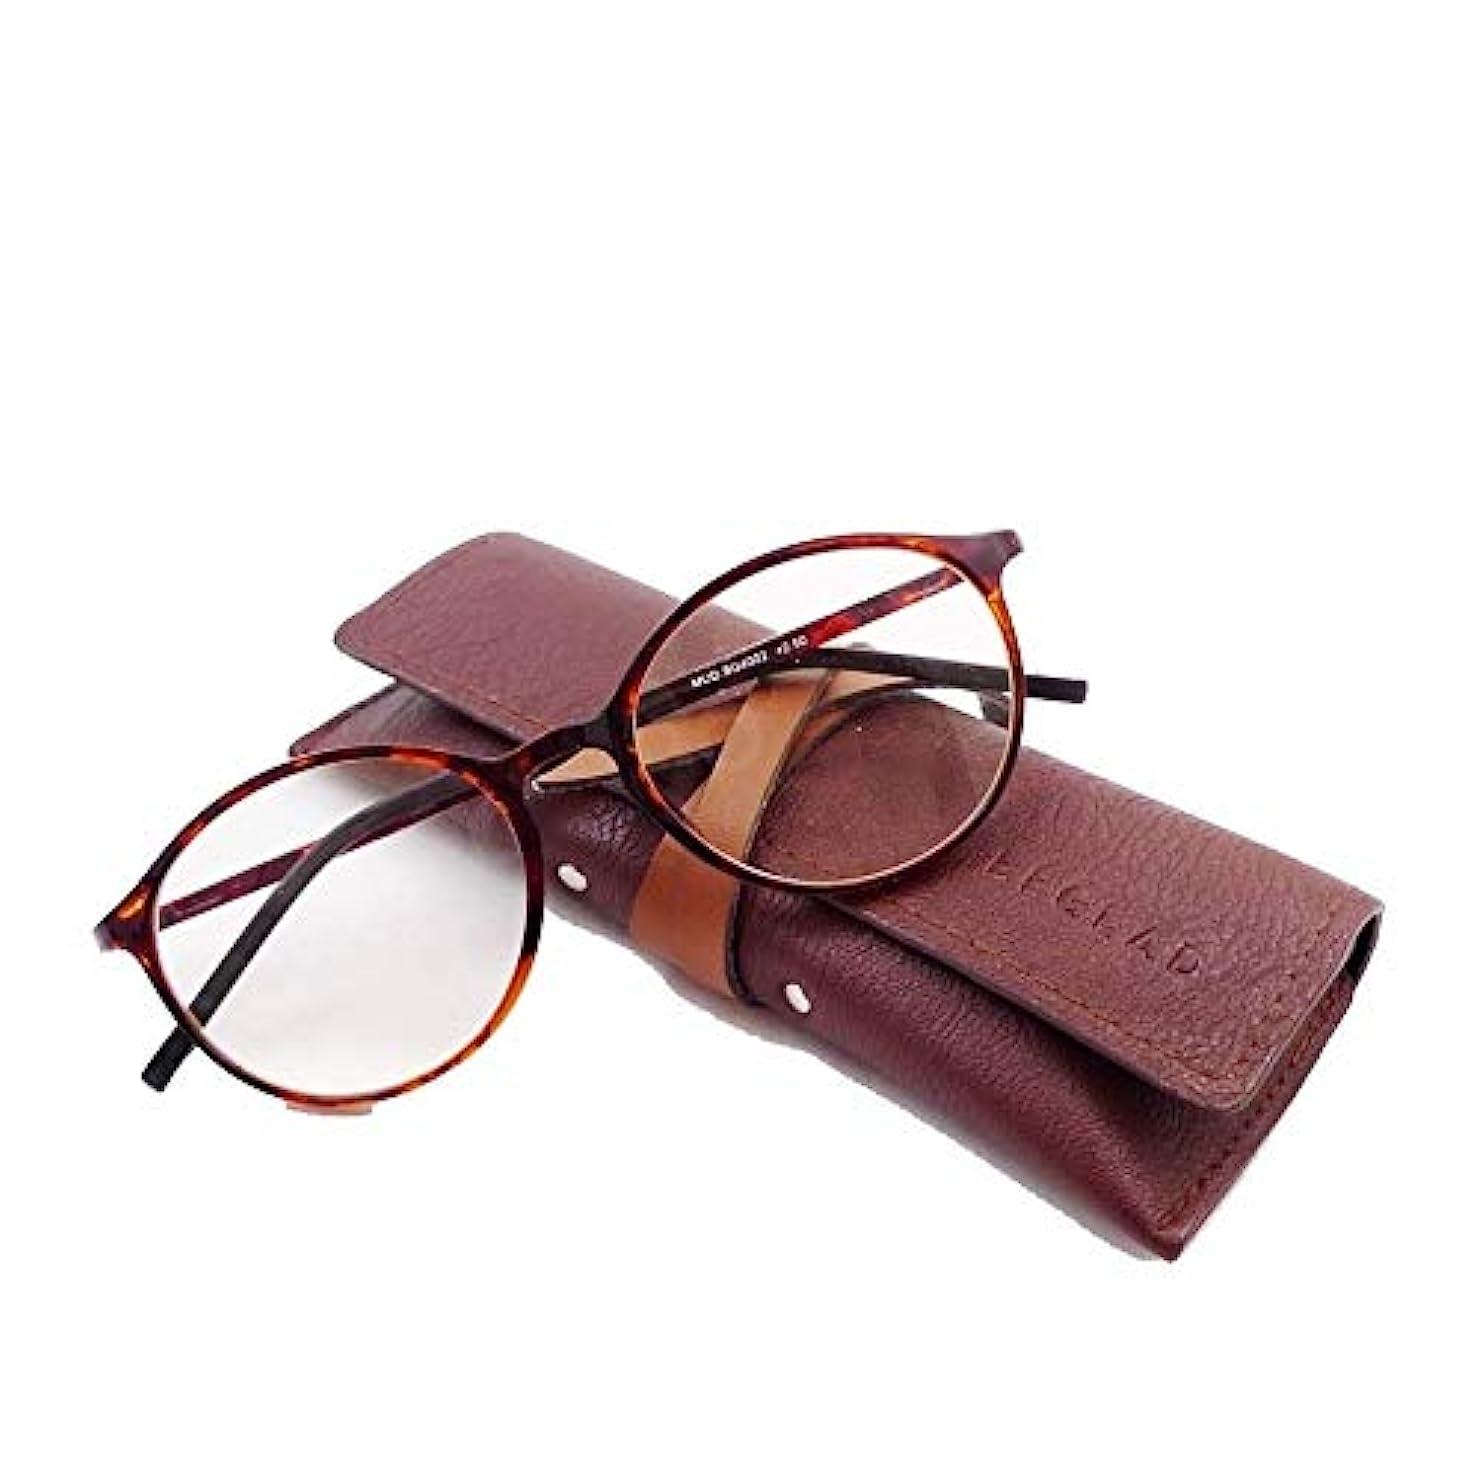 デマンド作ります減衰ビグラッド(BEGLAD) 老眼鏡 デミブラウン 度数:+2.00 【軽量 ブルーライトカット おしゃれなケース付】 BG4002D.BR